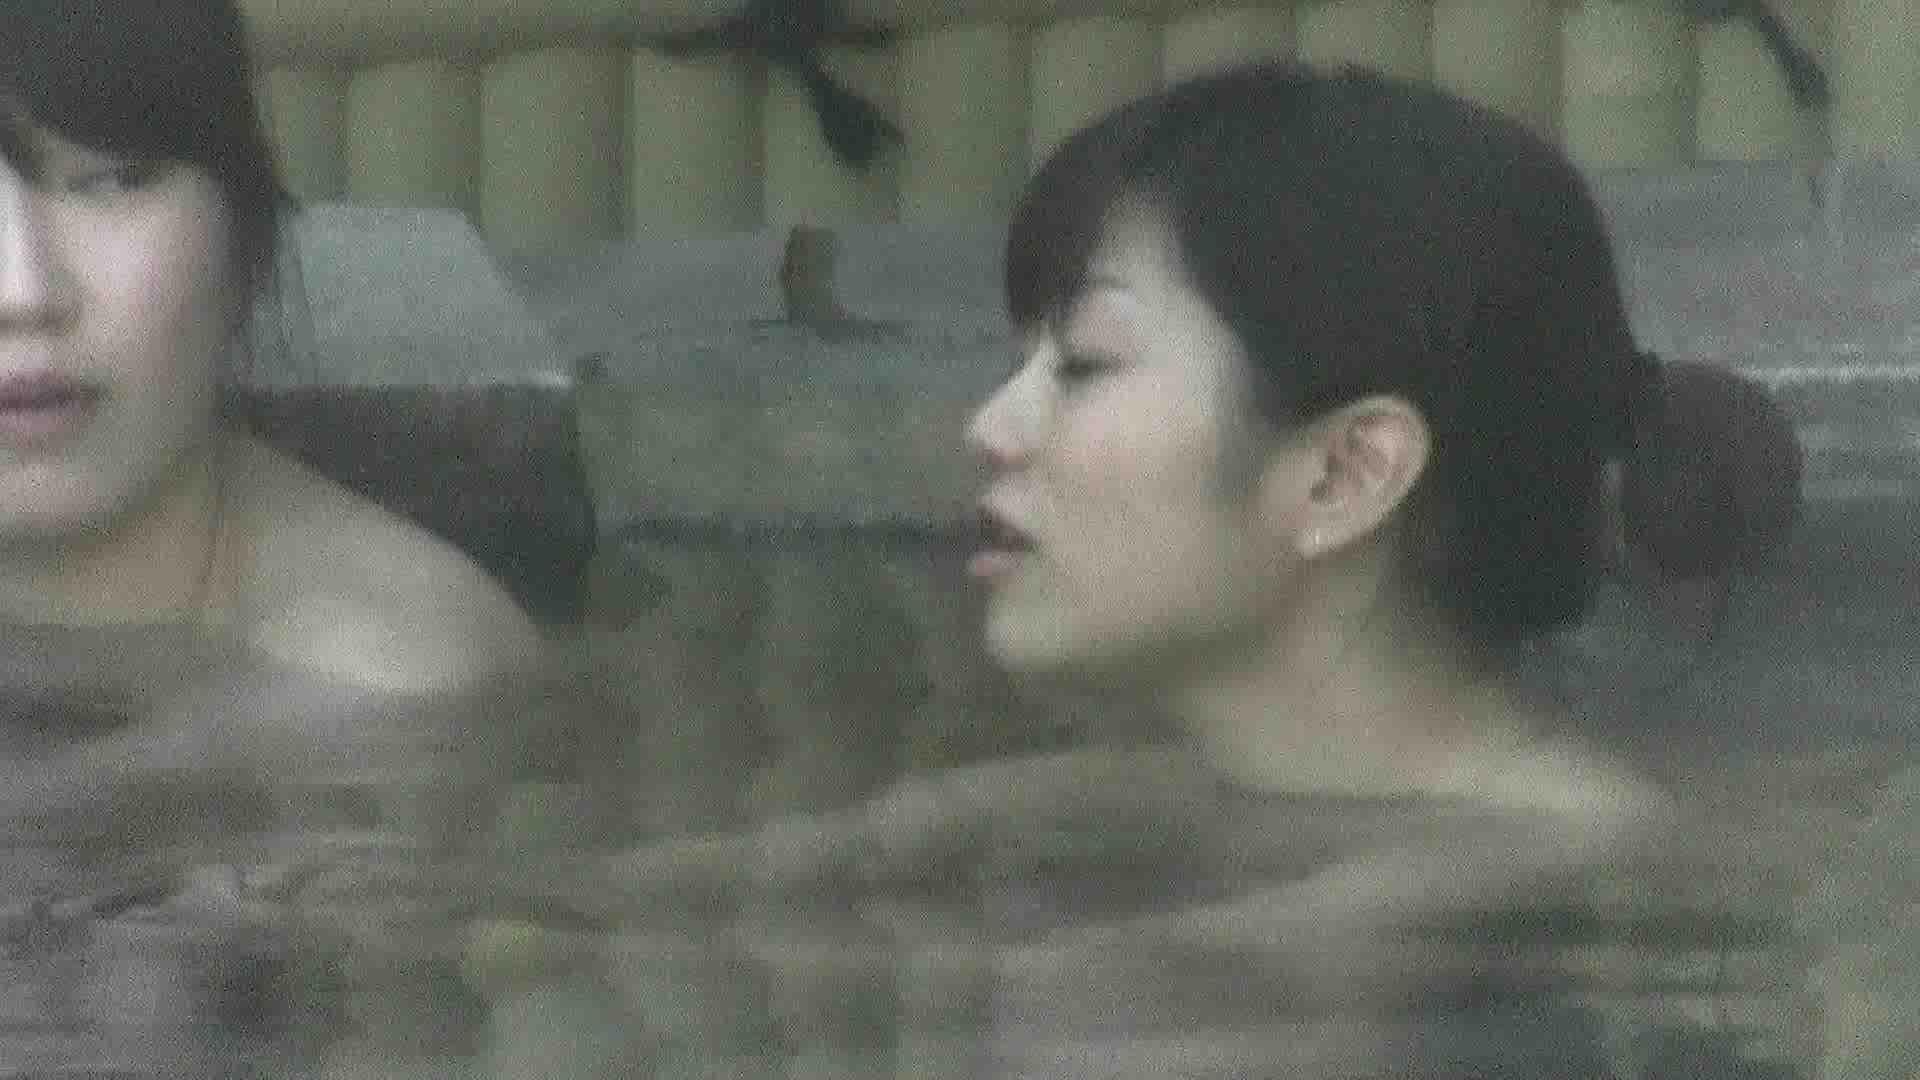 Aquaな露天風呂Vol.206 女体盗撮   露天  80連発 25